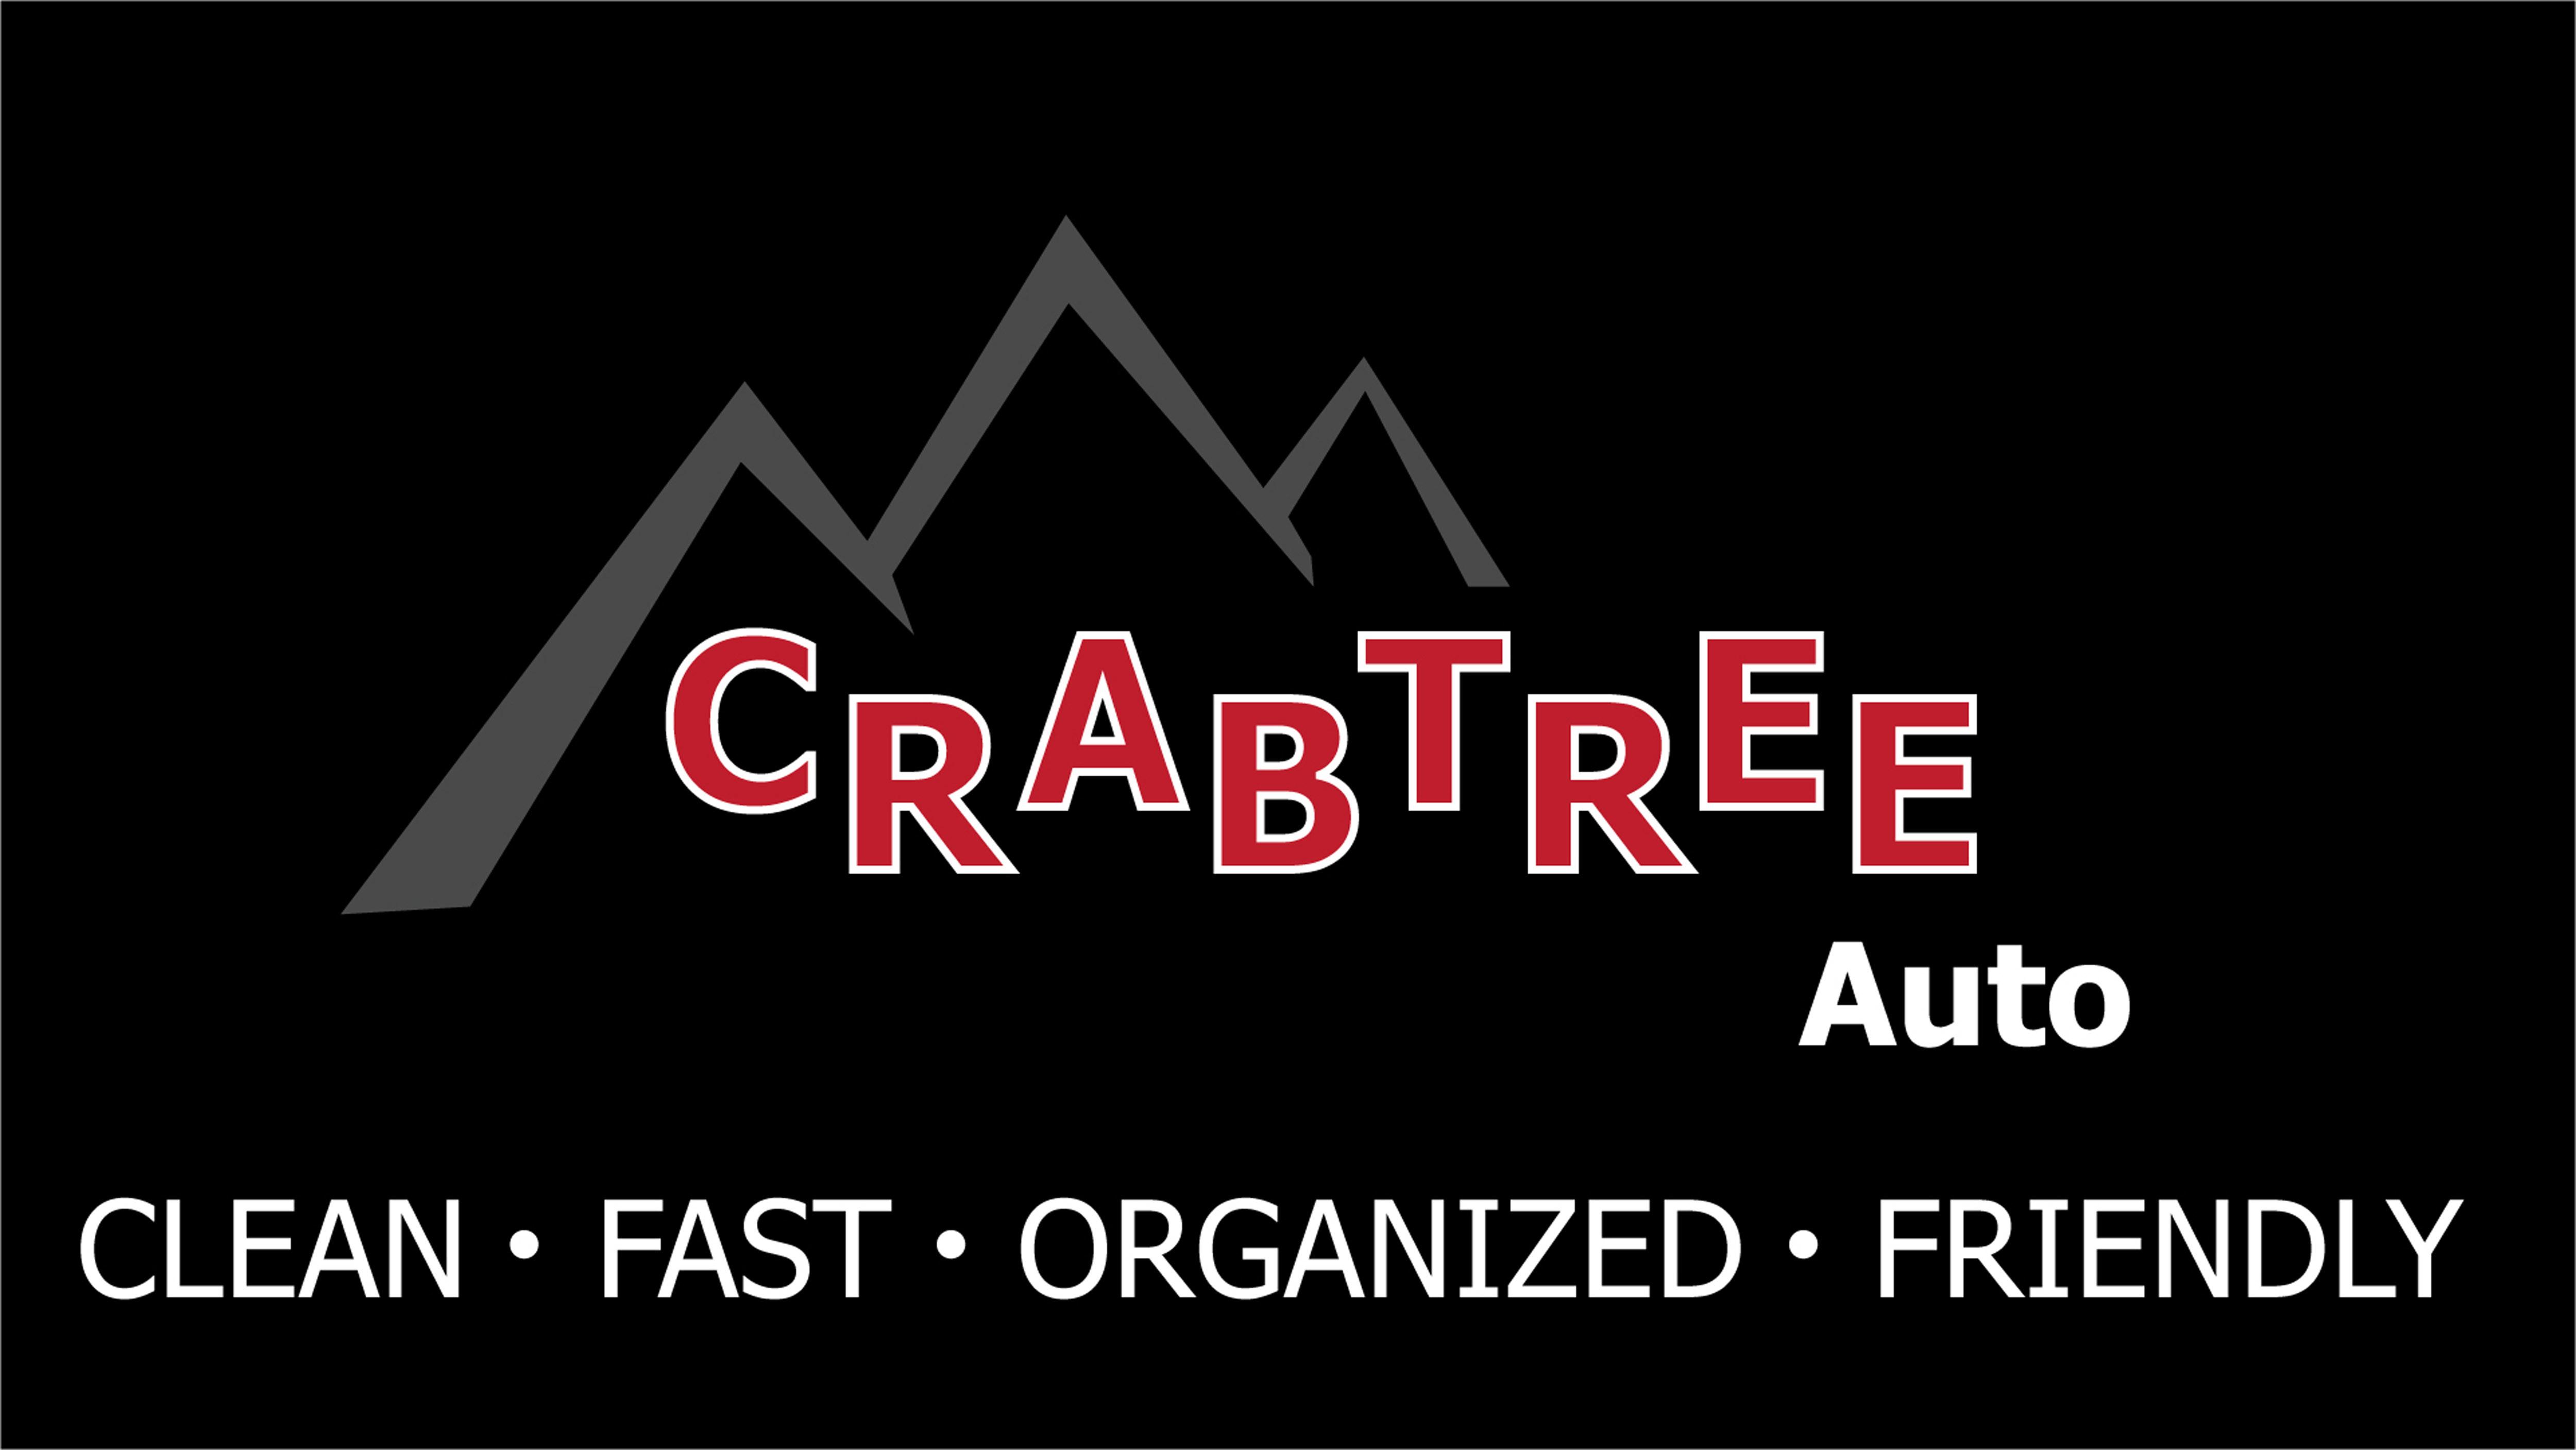 Crabtree Auto image 6